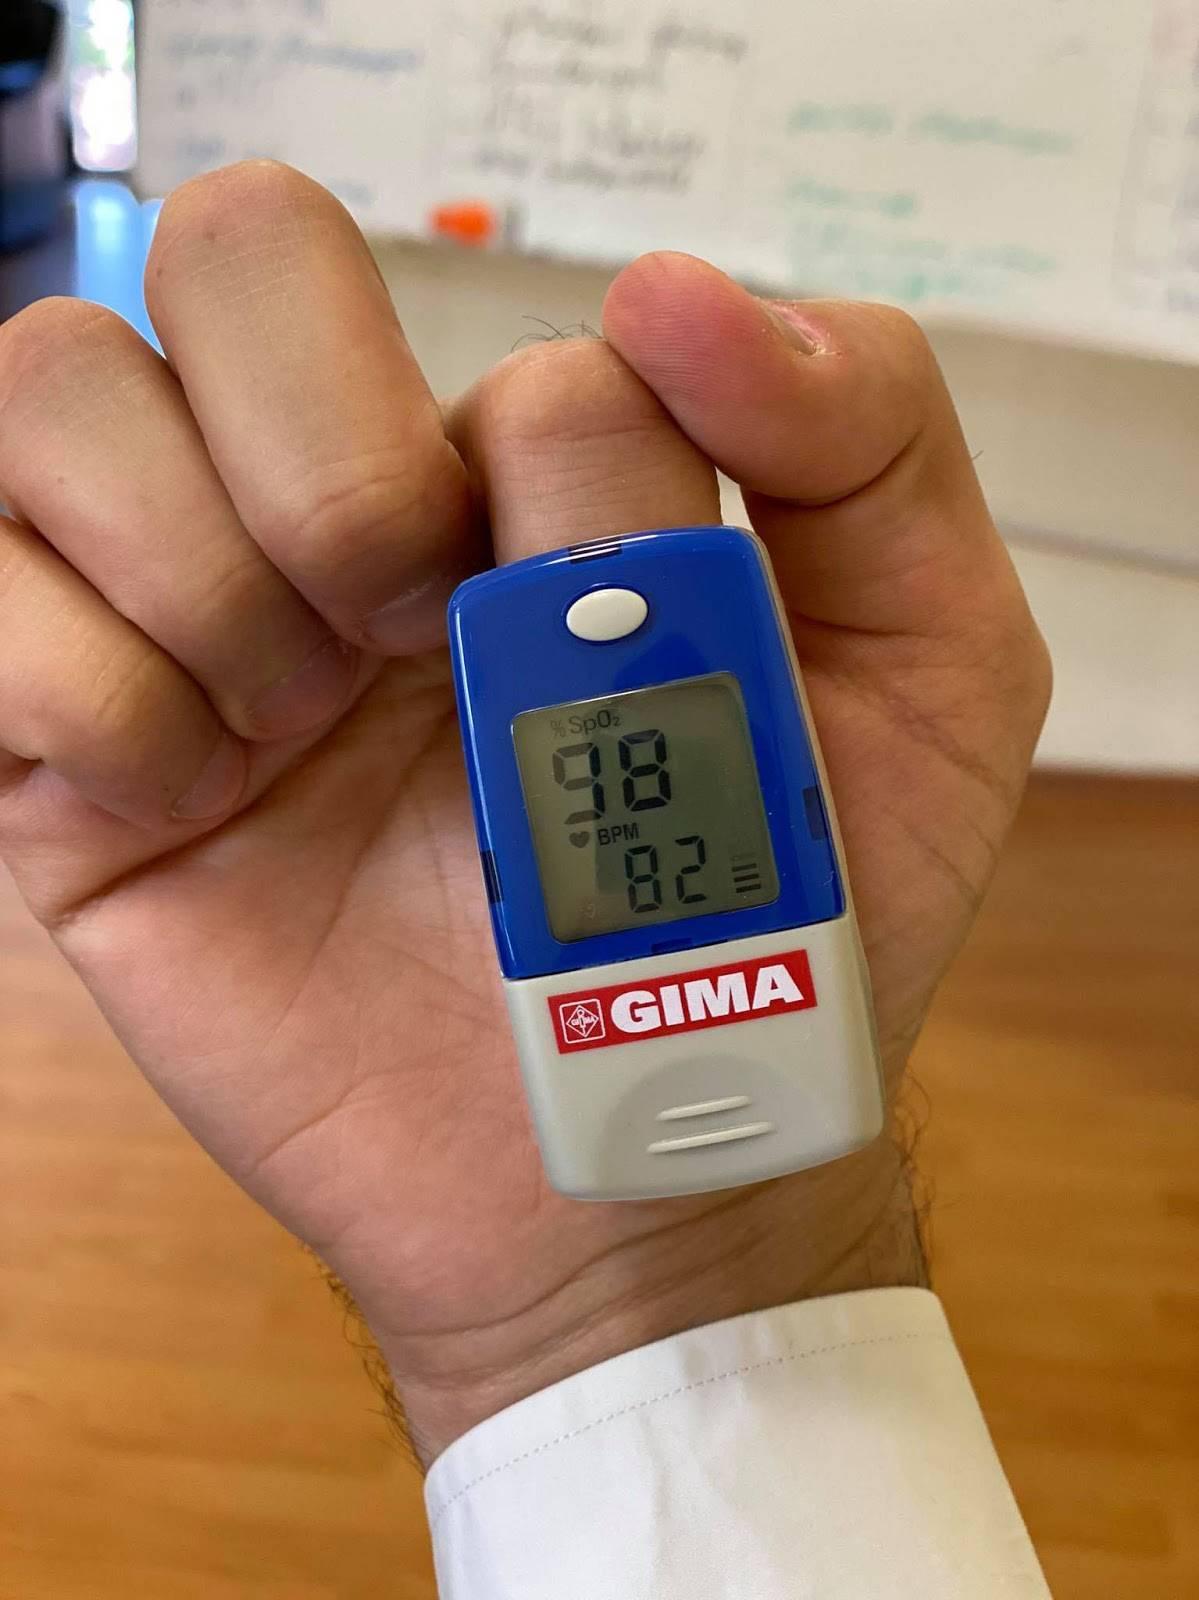 Нехватка кислорода в крови: симптомы и лечение гипоксии, как повысить уровень